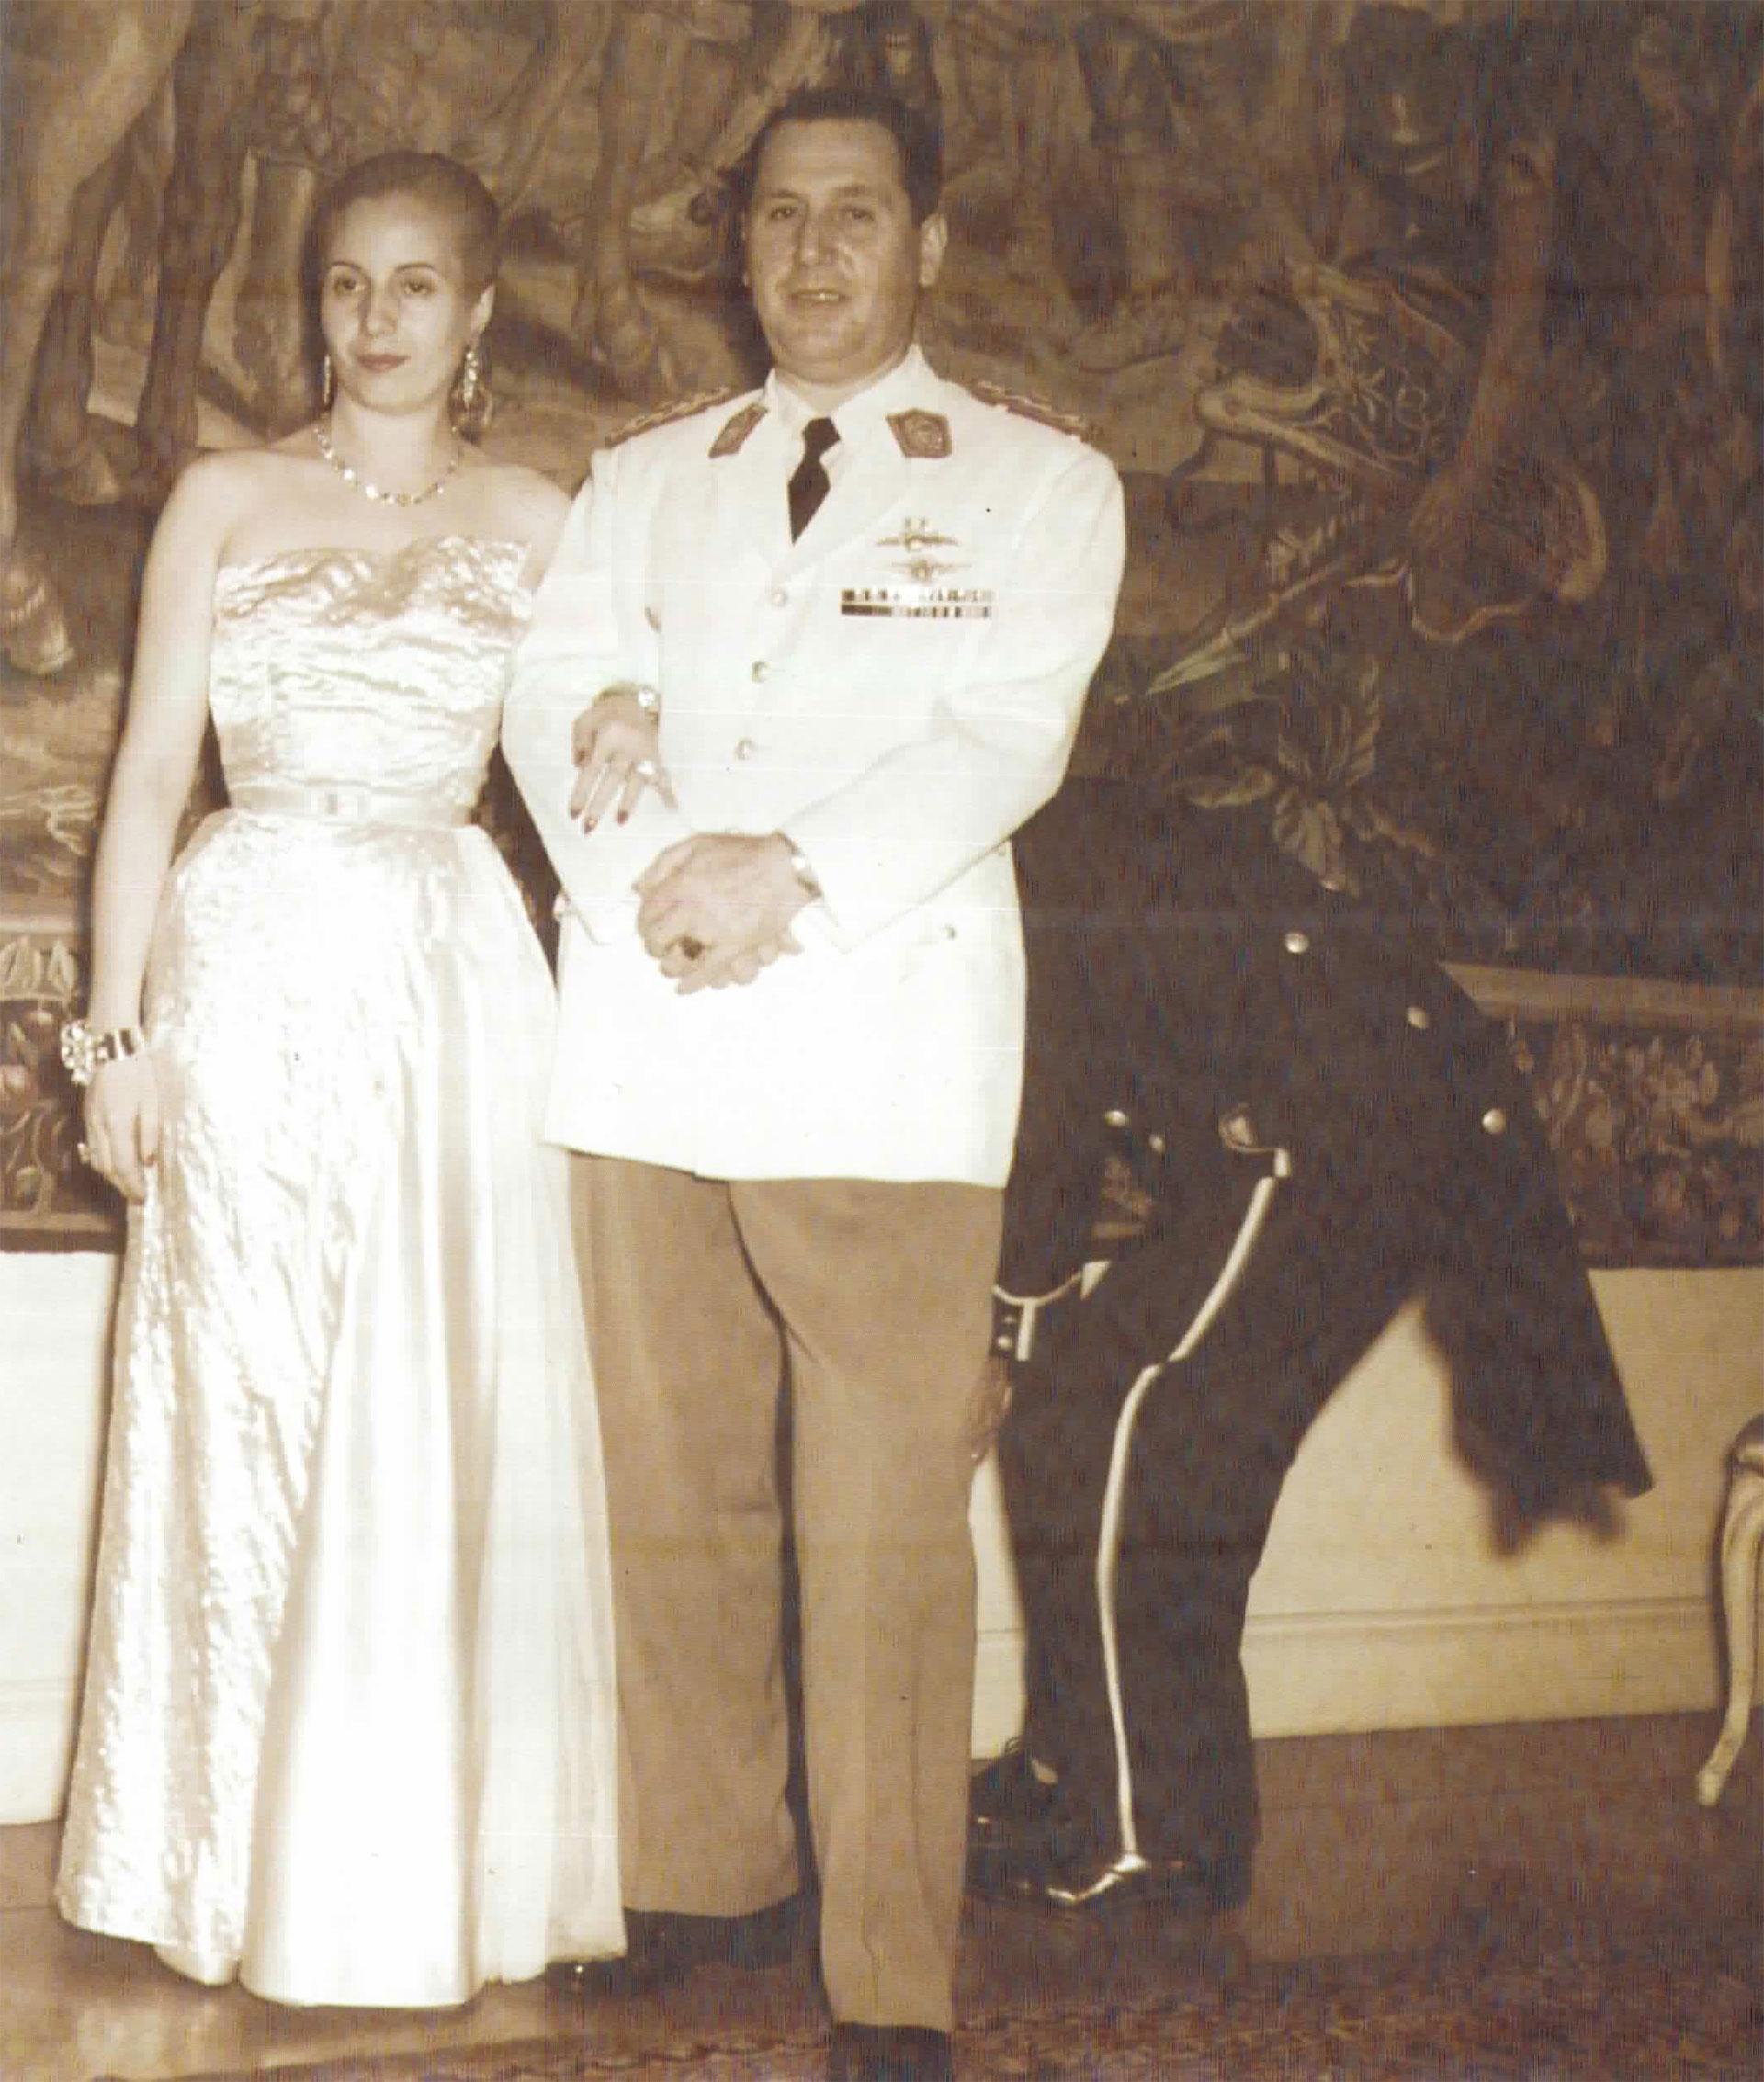 Fusco retrató infinidad de veces a la pareja presidencial. Aquí, listos para asistir a la gala de 1949 en el Colón. El fotógrafo desechó esta toma porque un colaborador de levita aparece agachado detrás de Perón